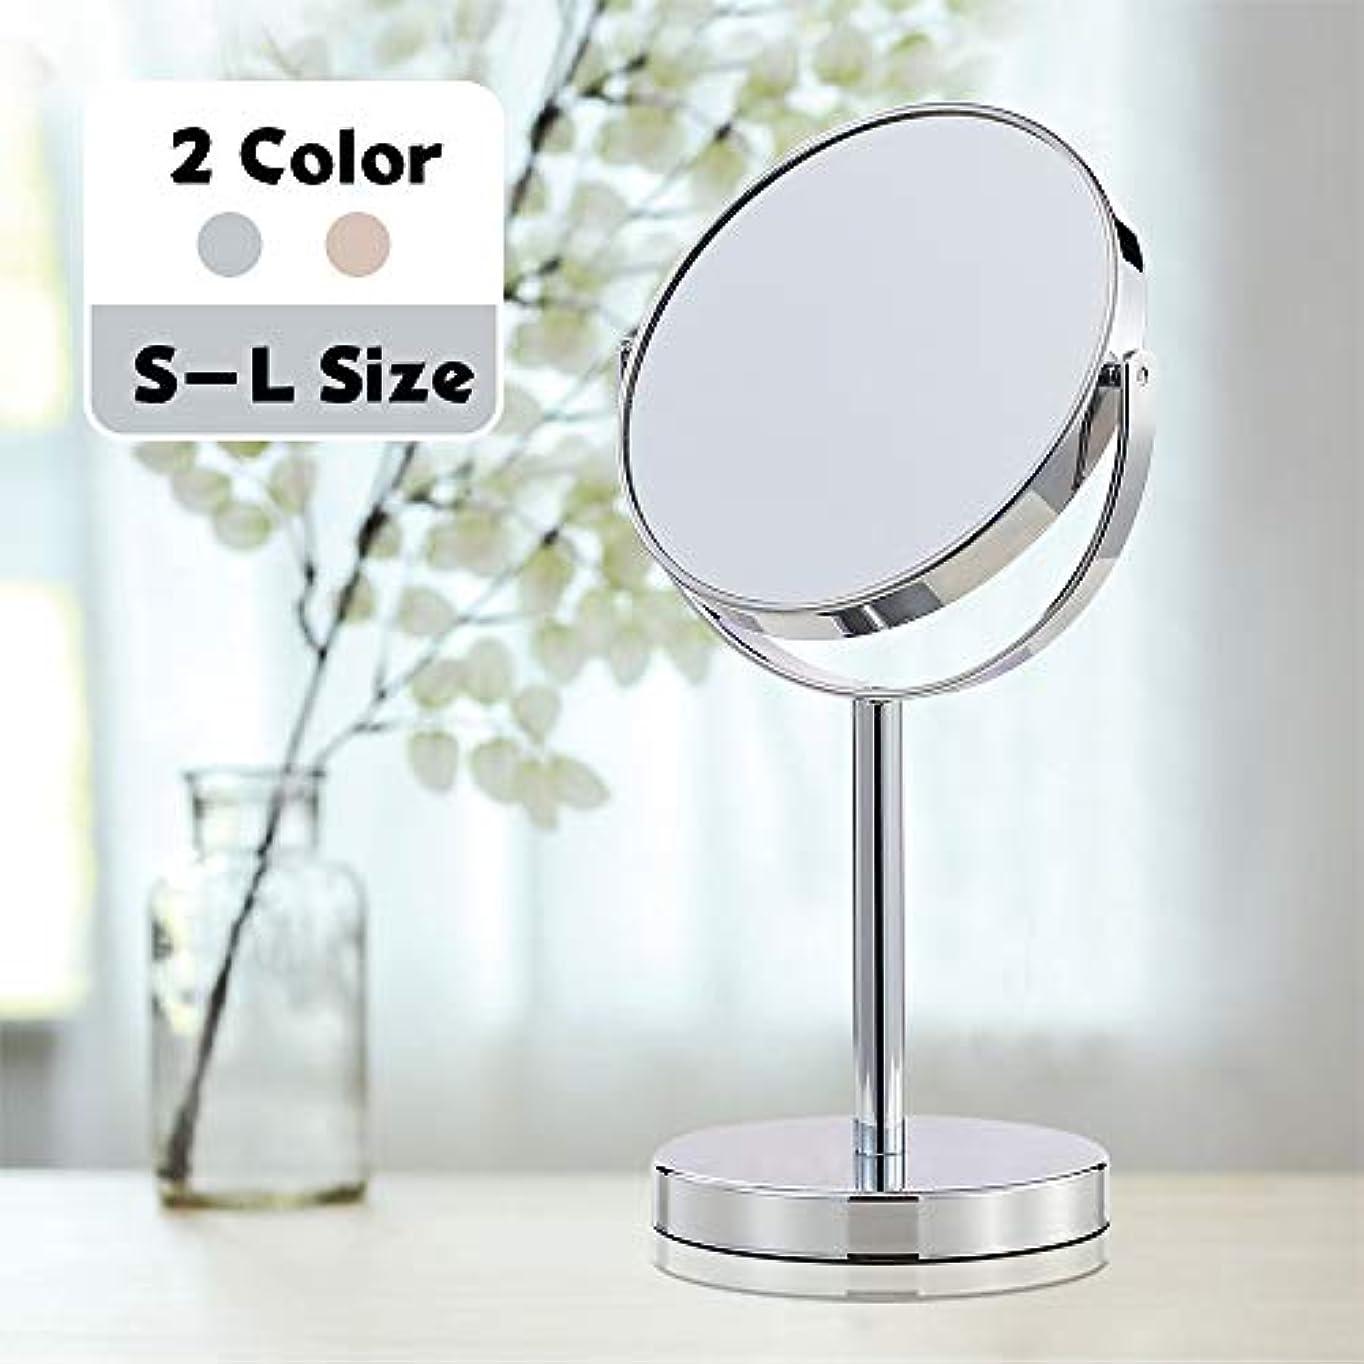 アパルあなたのもの改善(セーディコ) Cerdeco シンプルデザイン 真実の両面鏡DX 5倍拡大鏡 360度回転 卓上鏡 スタンドミラー メイク 化粧道具 鏡面148mmΦ J622